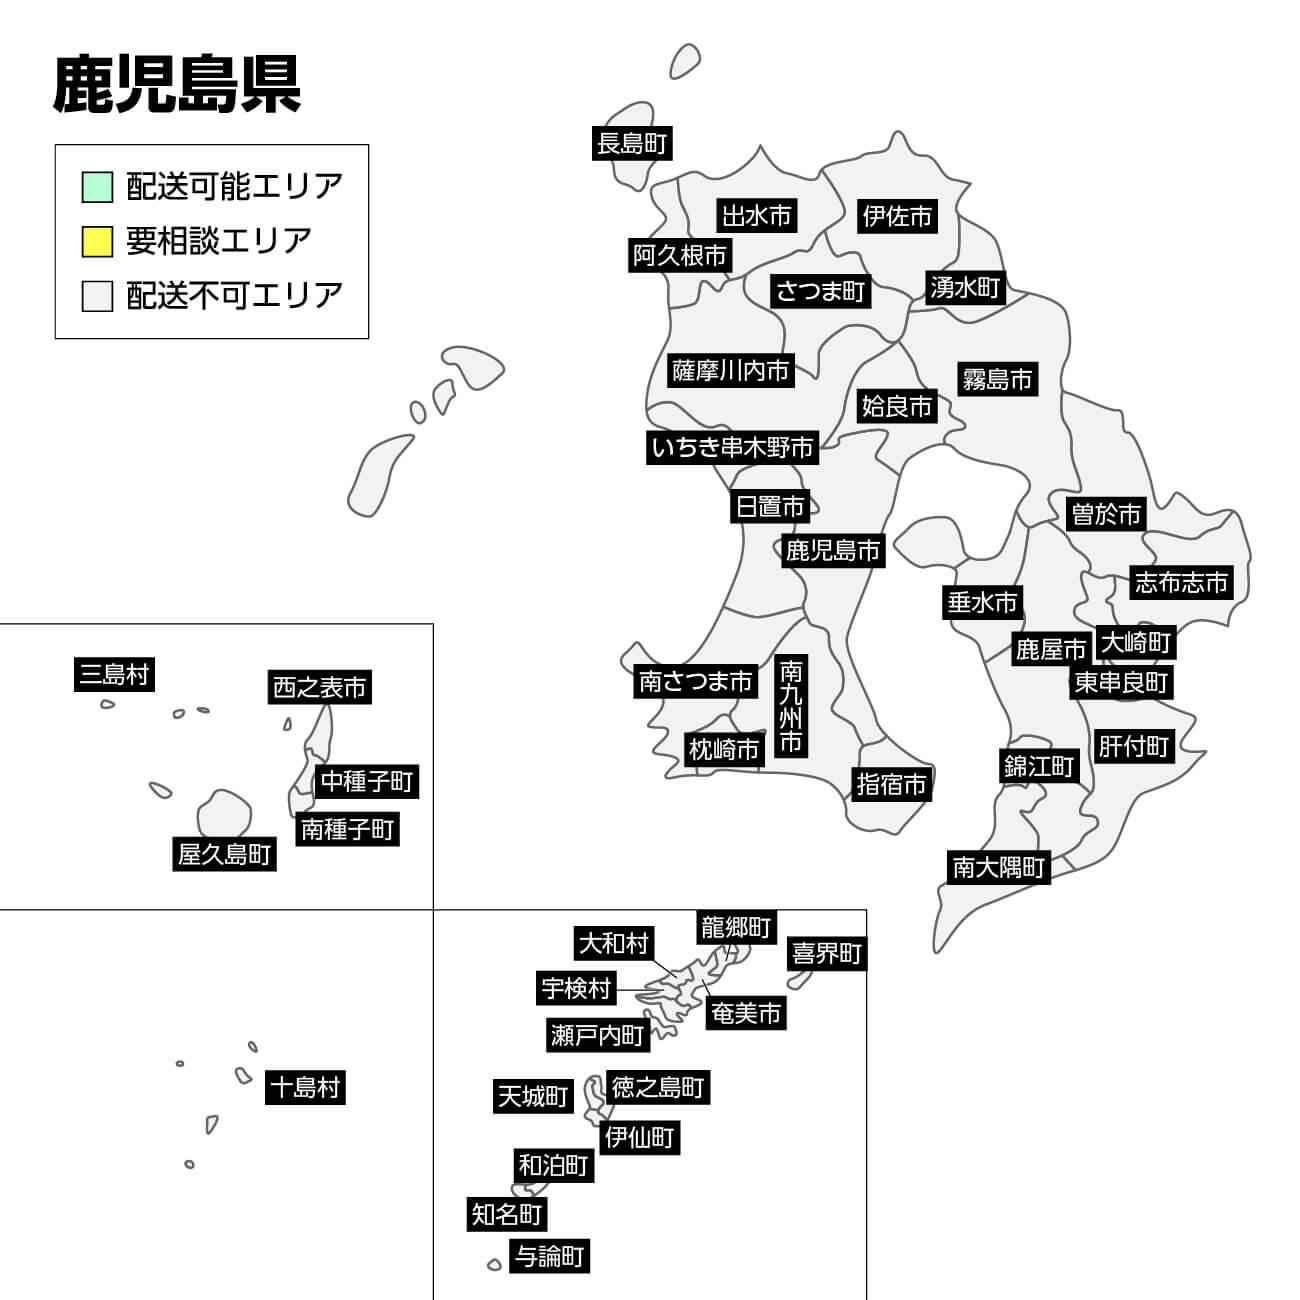 鹿児島県の集荷可能エリア